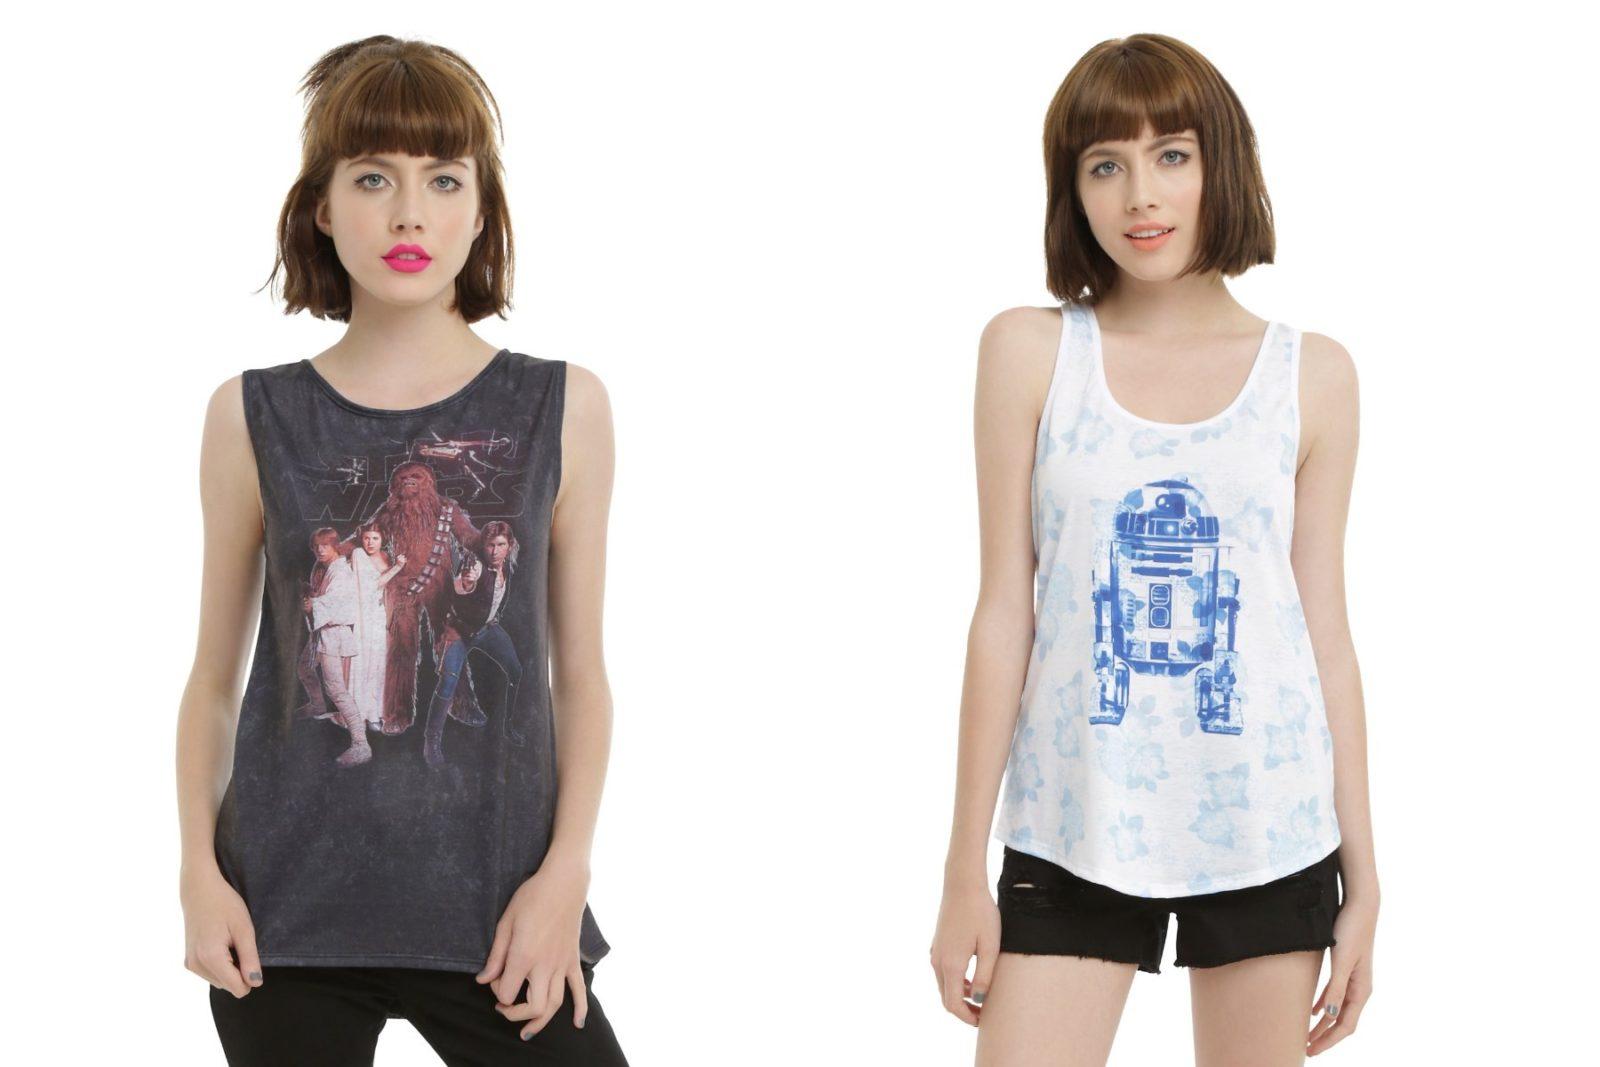 New Star Wars apparel at Hot Topic